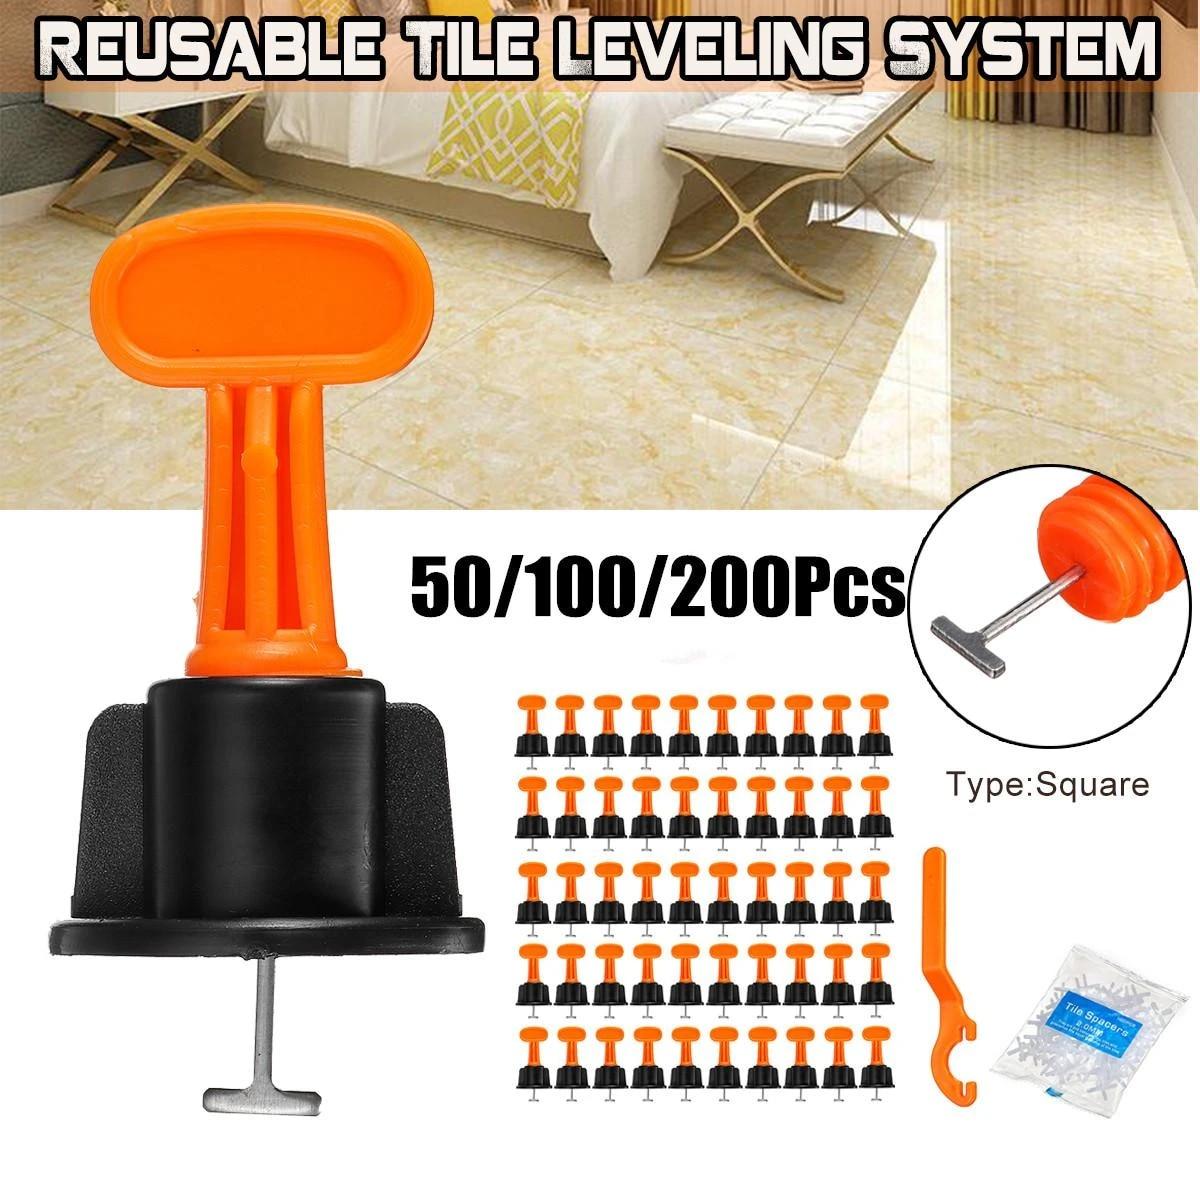 50ppcs 100pcs 200pcs ceramic tile leveler tools tile leveling locator t leveling system kits plastic tile spacers reusable